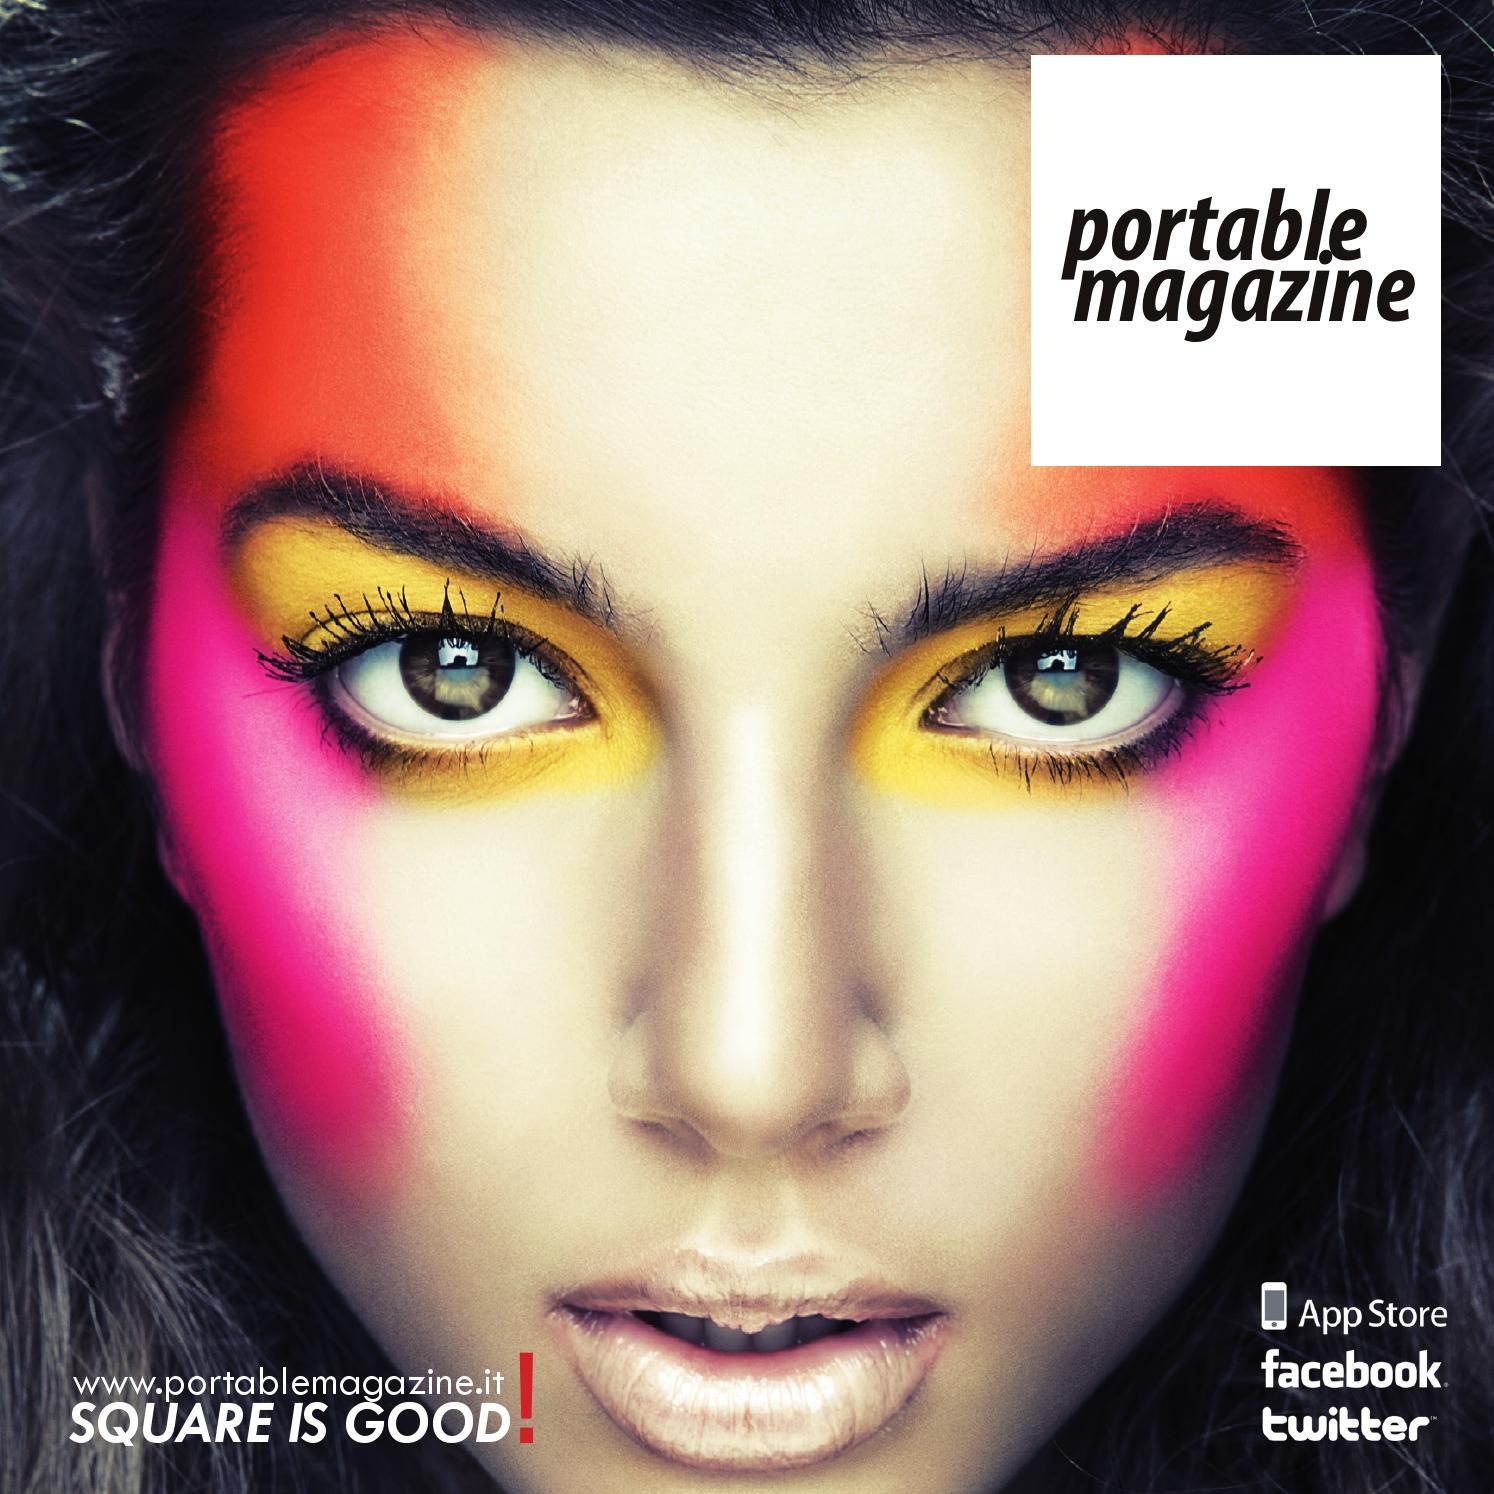 Agosto Portable Portable MagazineLuglio Agosto Portable 2013 Portable 2013 MagazineLuglio Agosto MagazineLuglio 2013 yfb76g